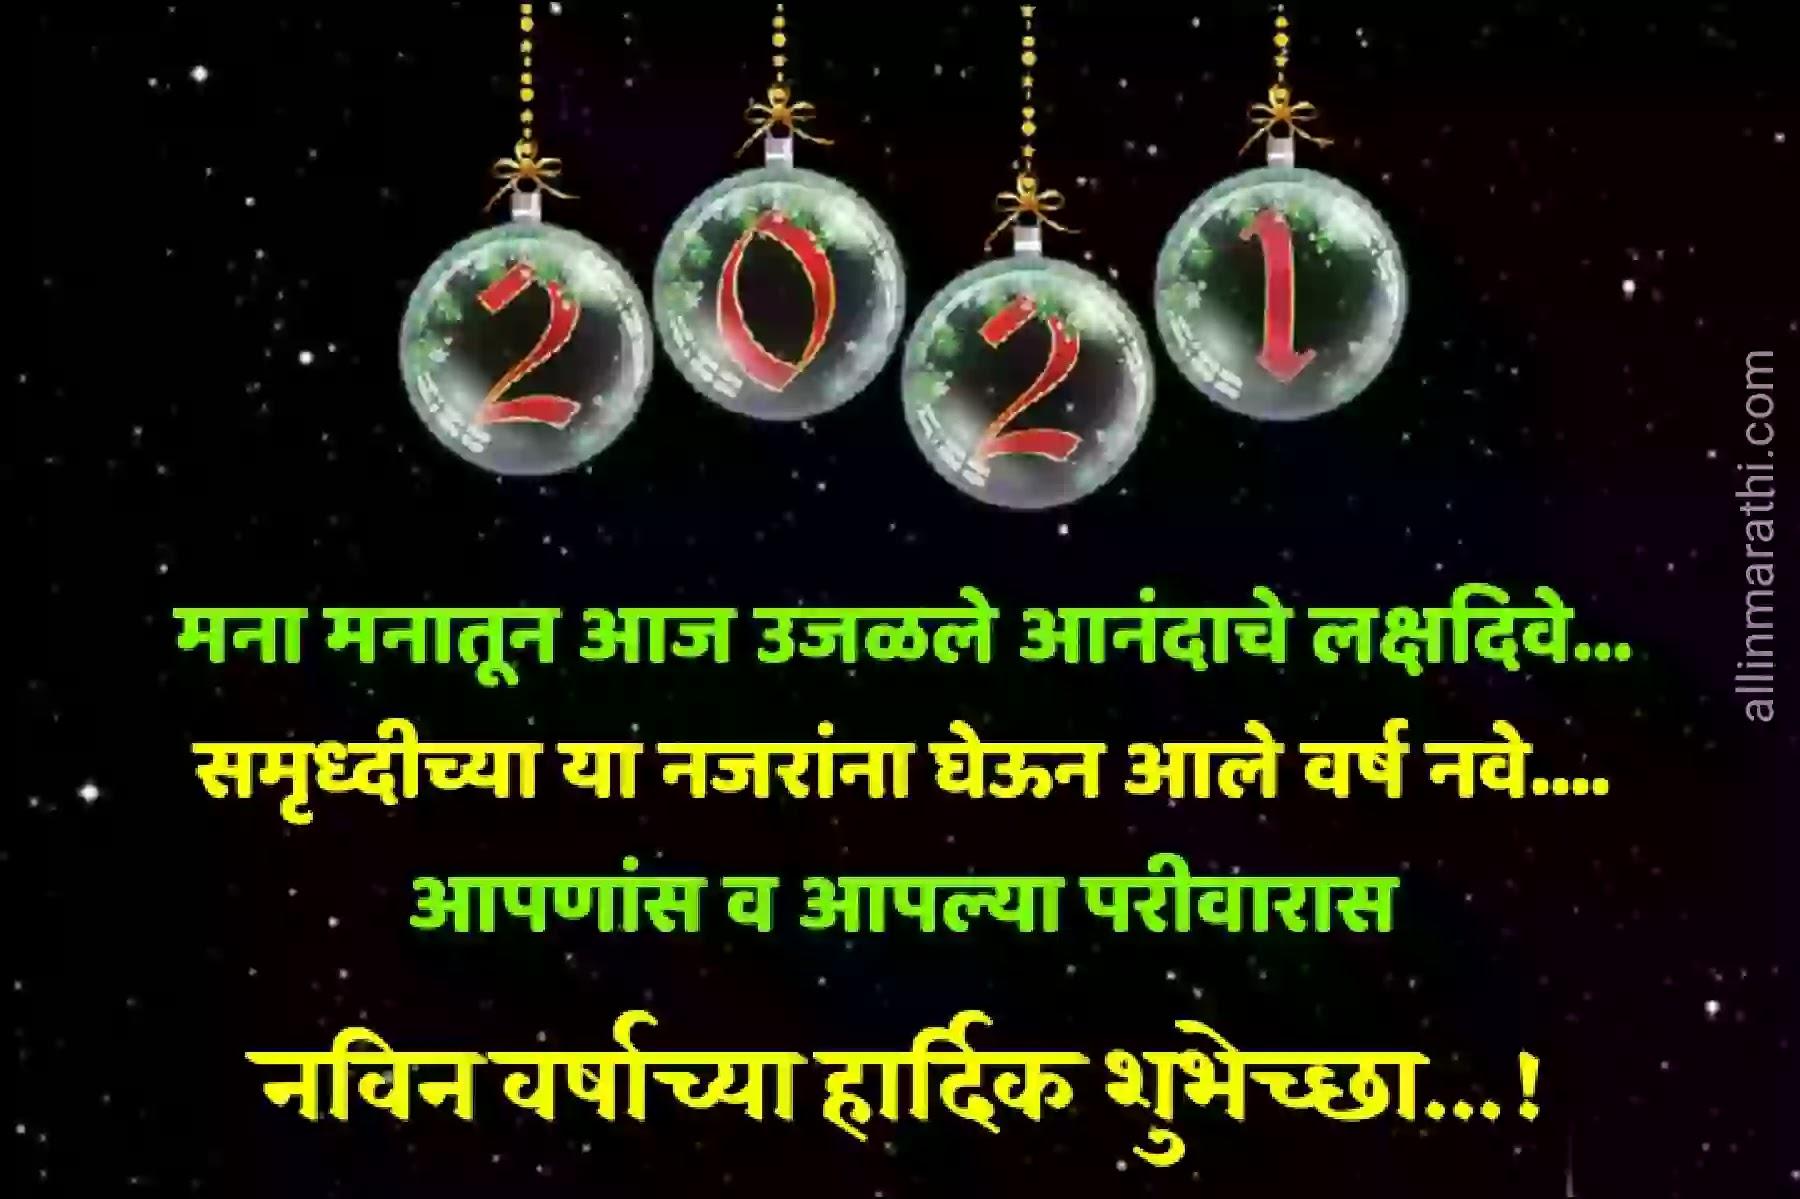 इंग्लिश नवीन वर्षाच्या शुभेच्छा